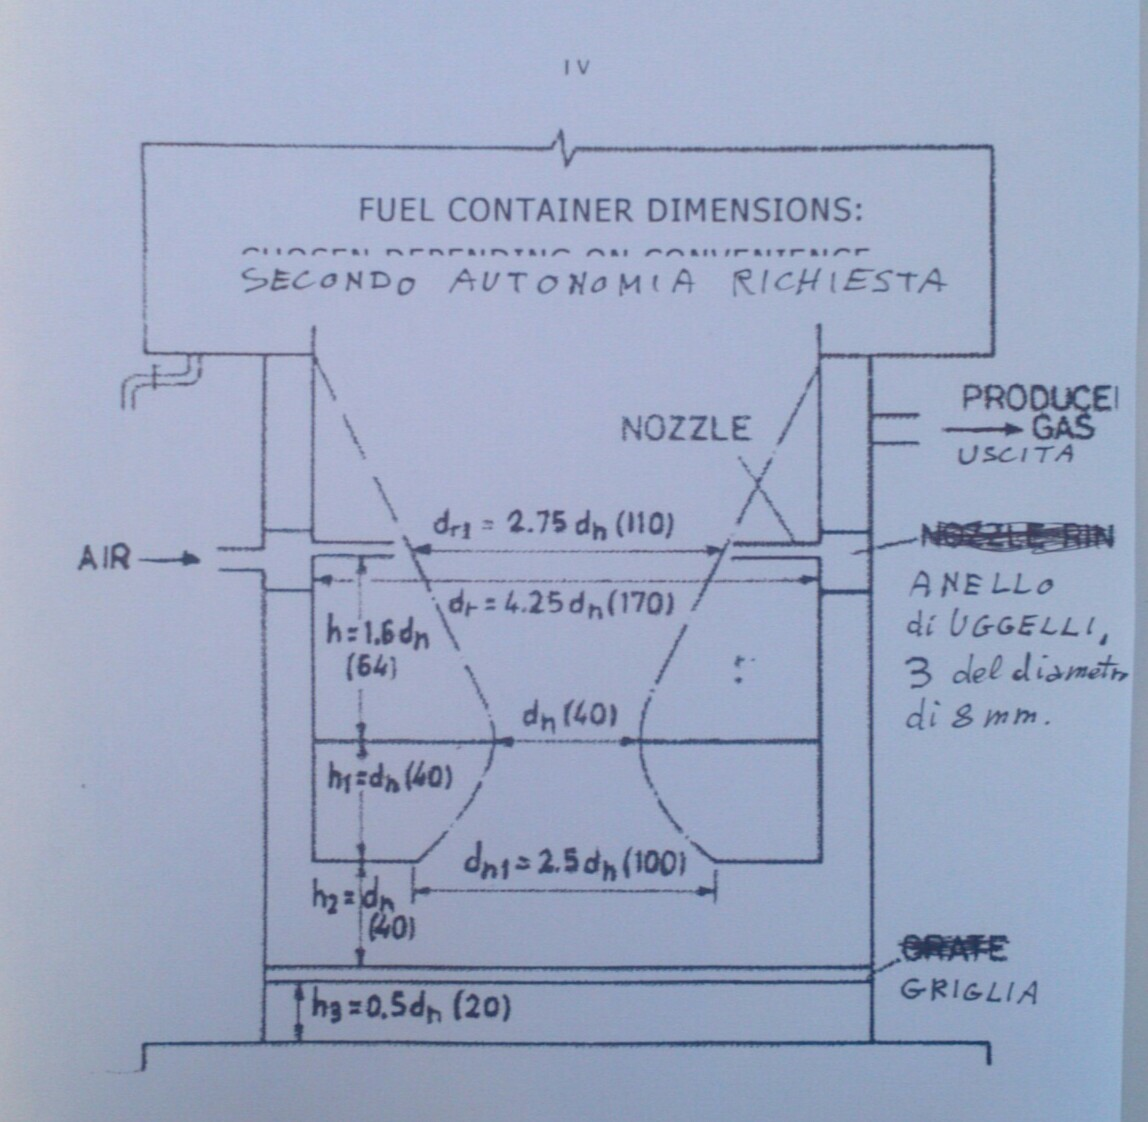 Pirolisi gasificazione page 2 fai da te offgrid for Costruire stufa pirolisi